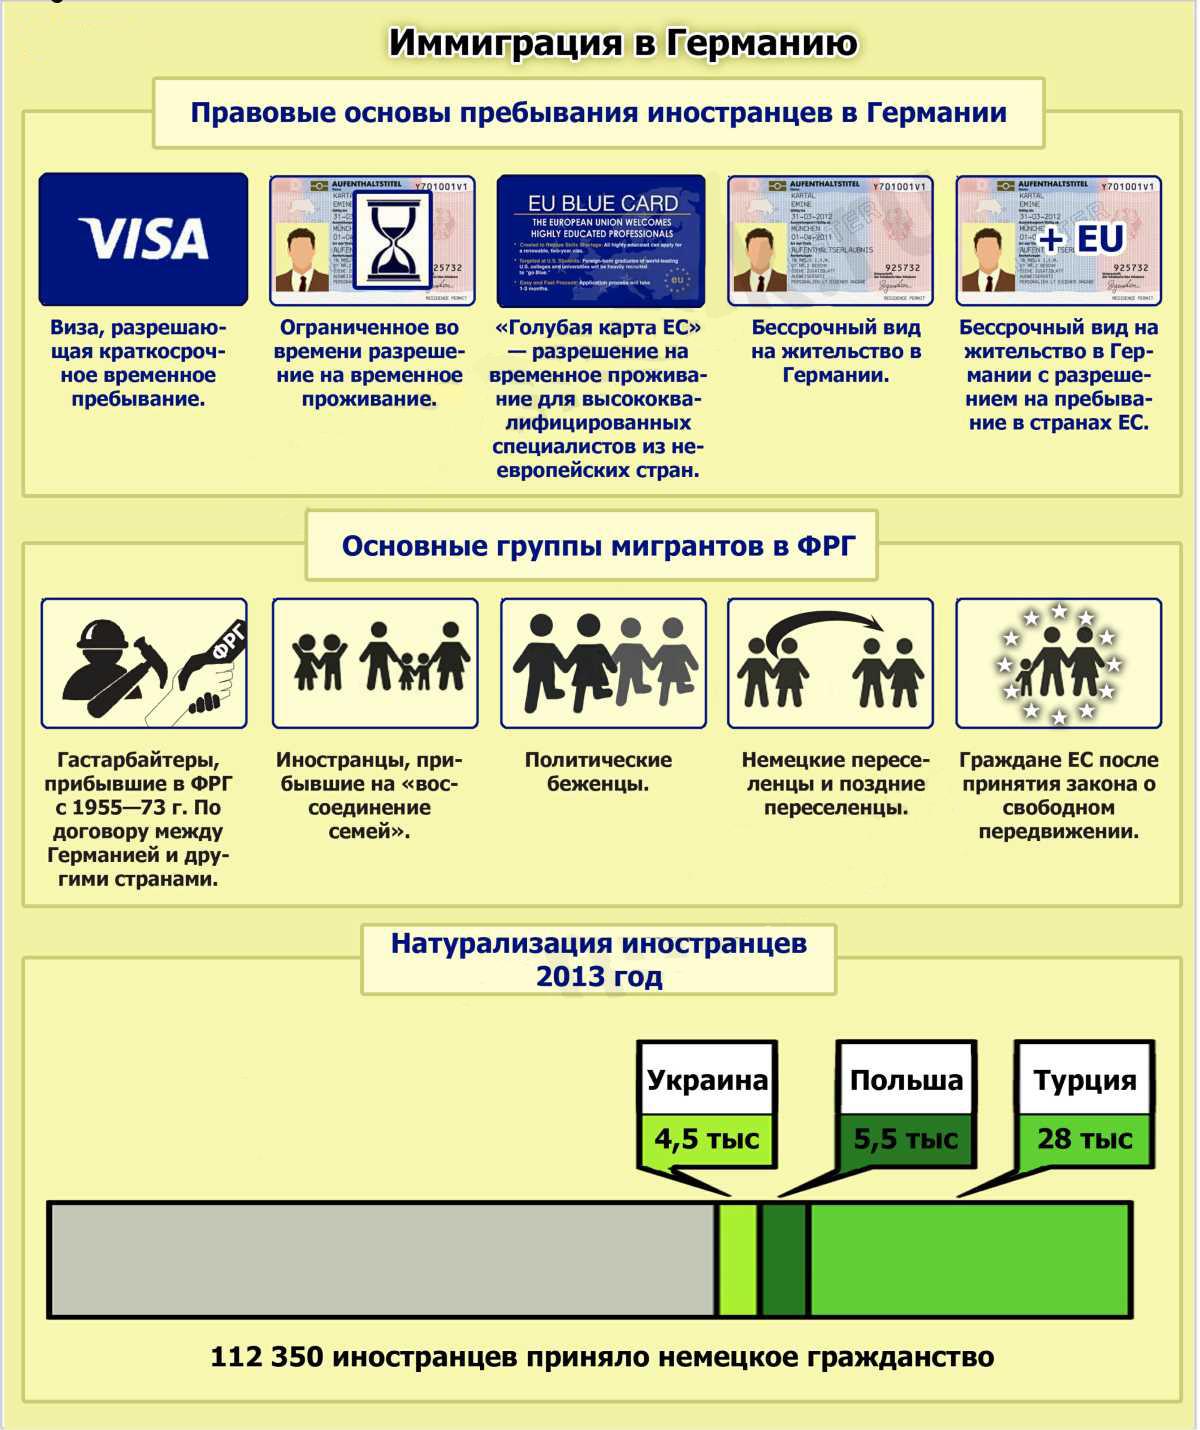 Методы иммиграции в Германию